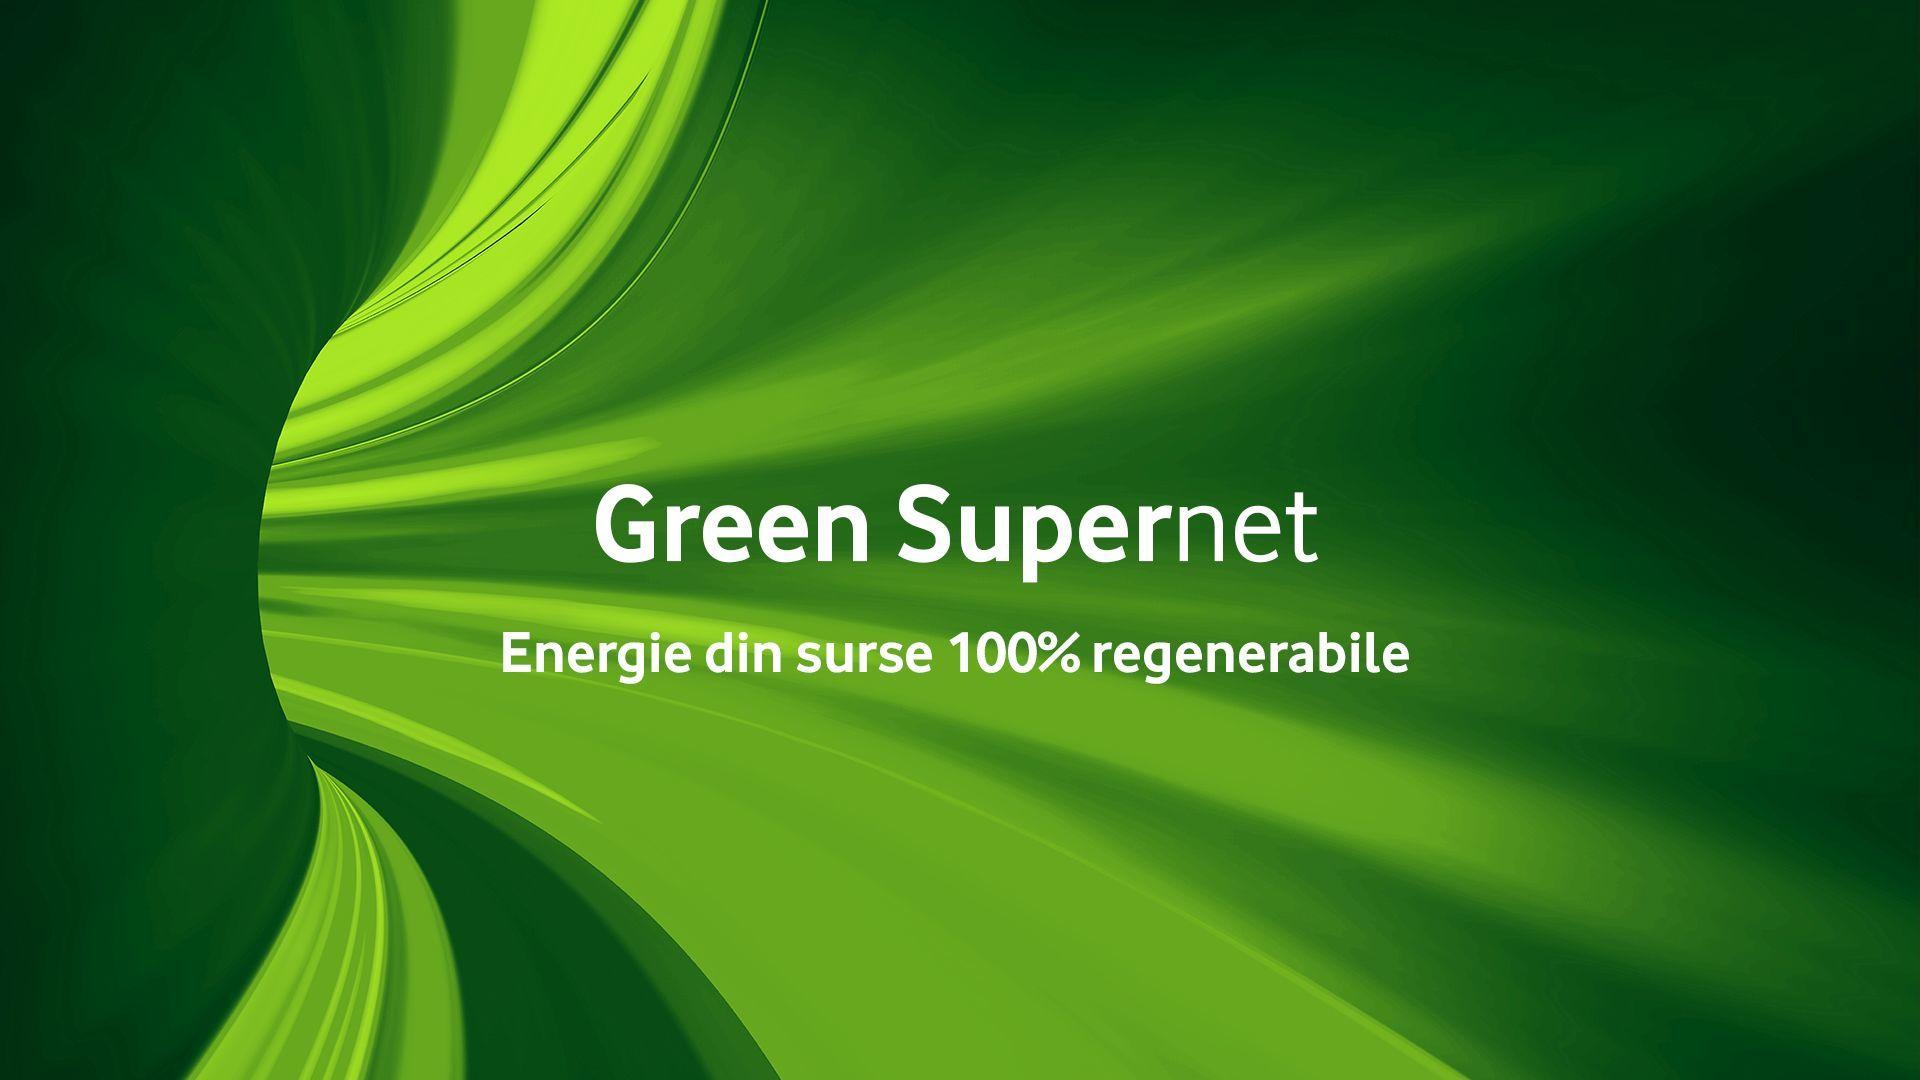 Vodafone România anunţă că reţeaua sa este 100% verde, fiind alimentată integral cu energie din surse regenerabile